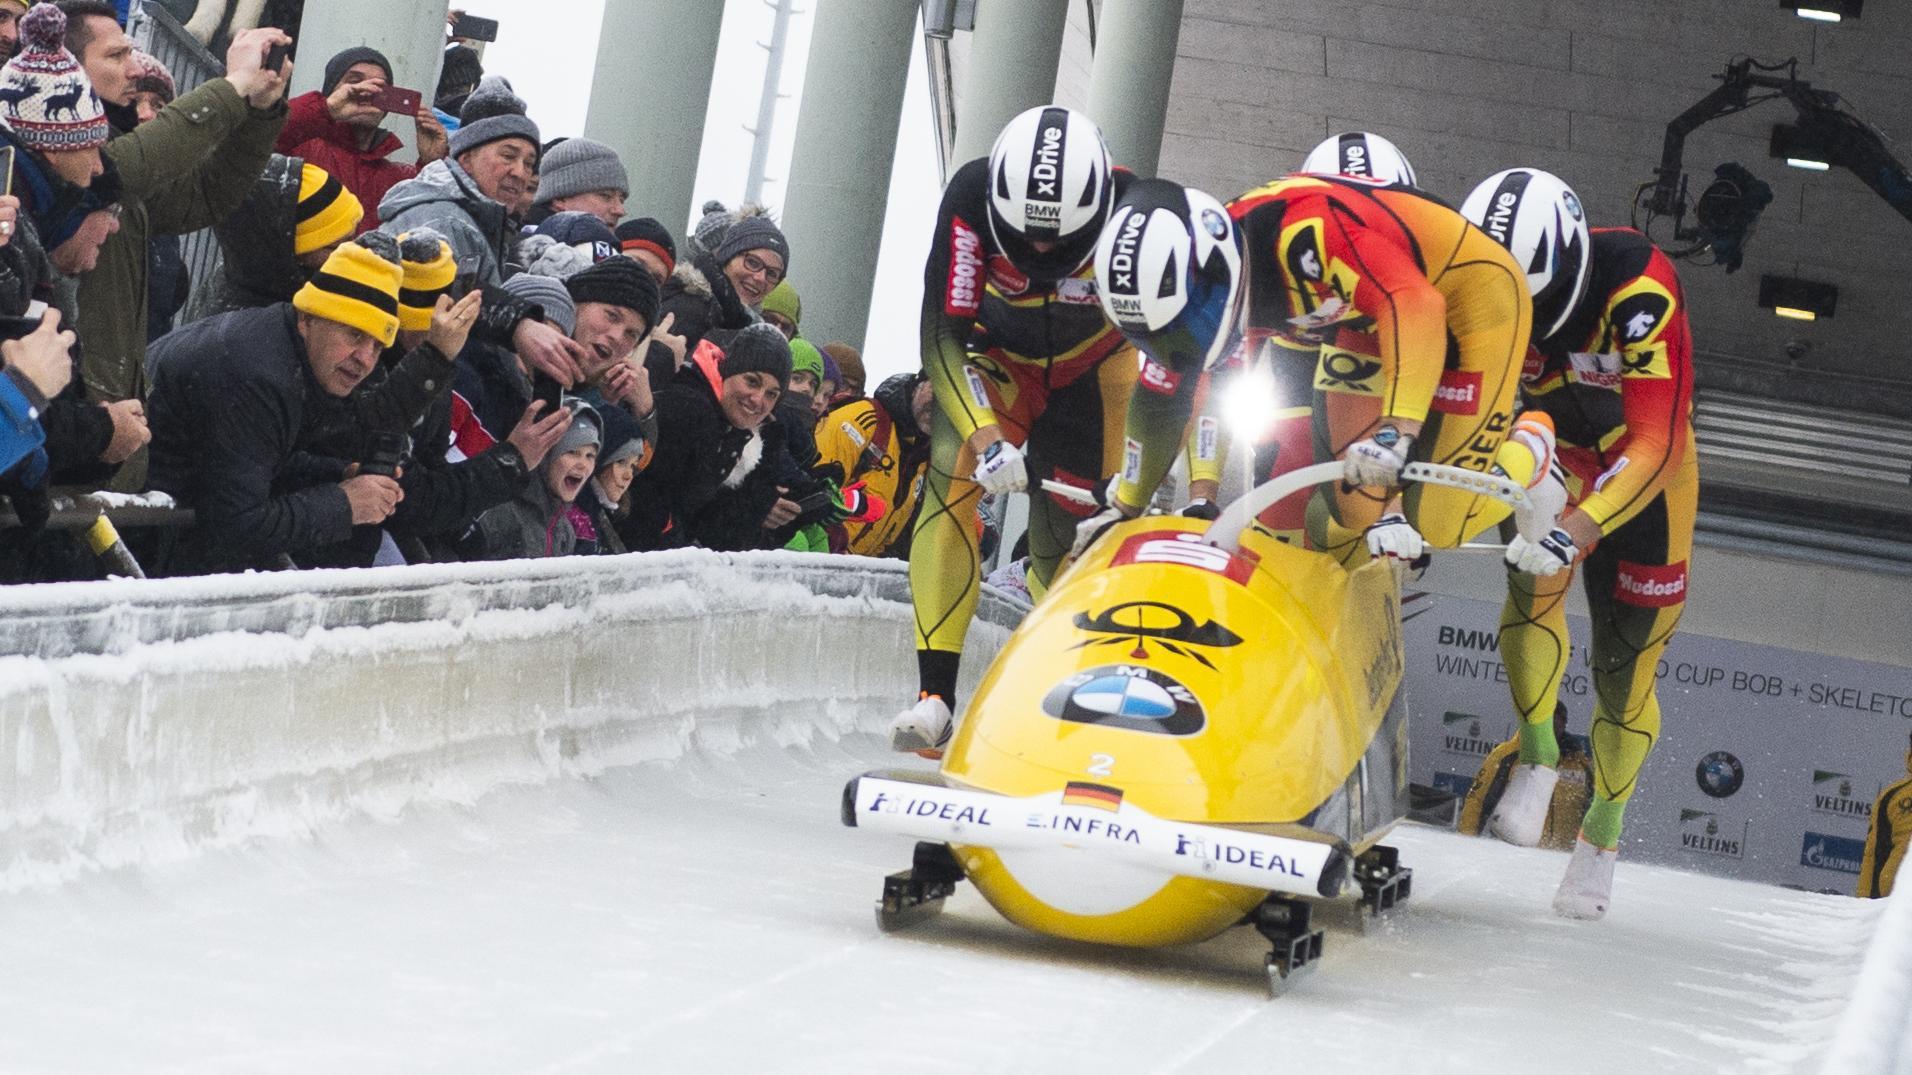 Doppel-Olympiasieger Francesco Friedrich ist mit seiner Crew erfolgreich